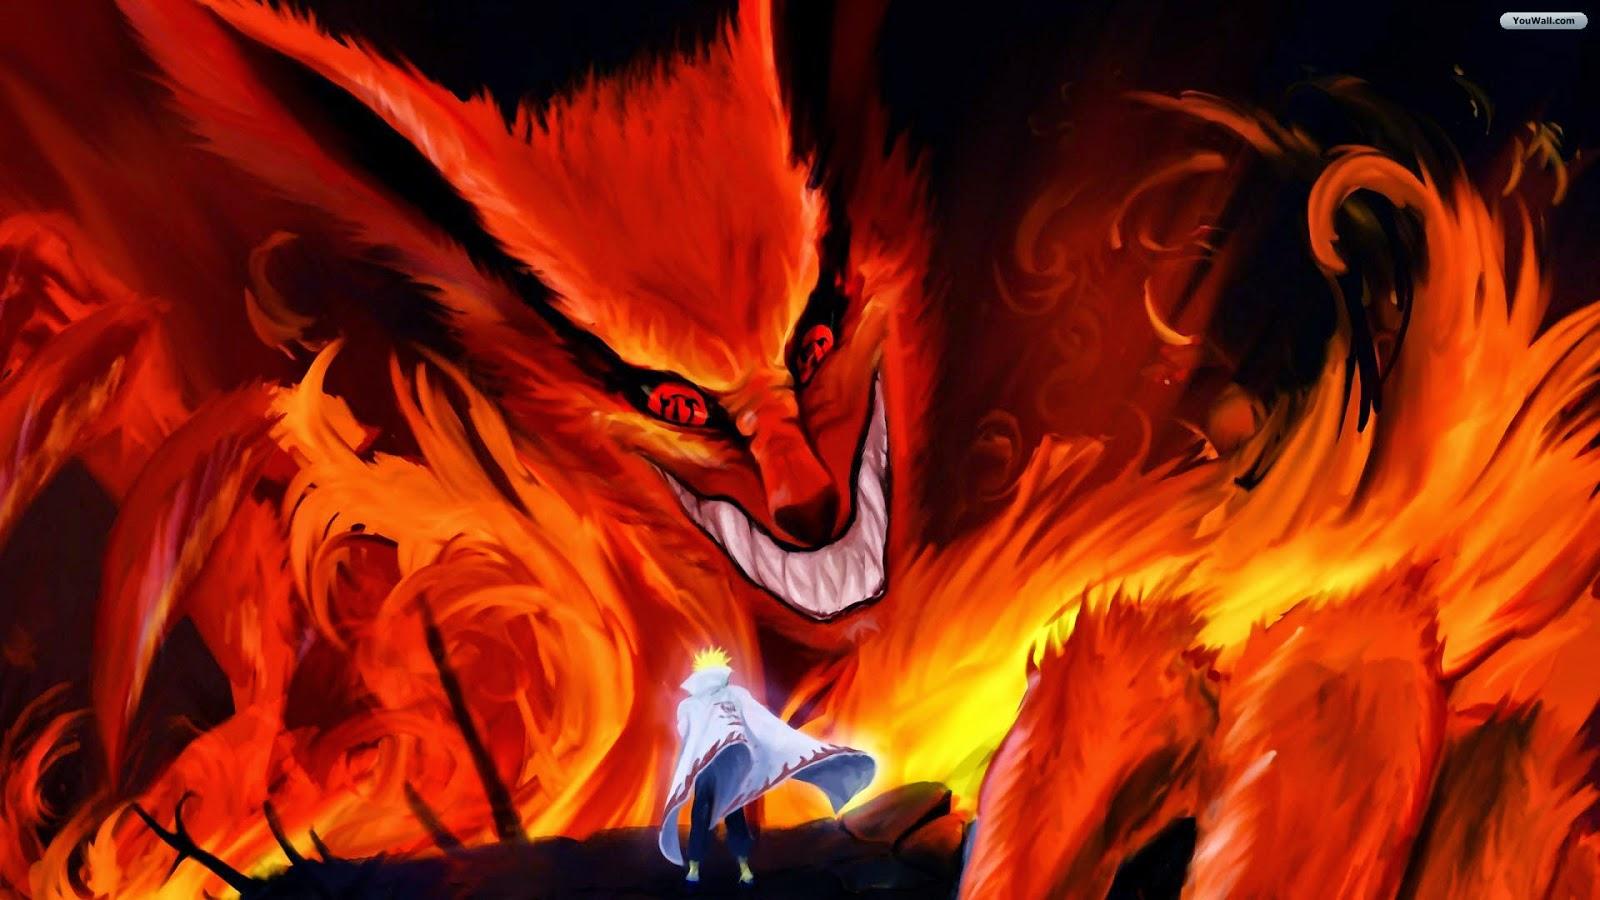 Wallpaper Naruto Untuk Hp Koleksi Gambar Hd